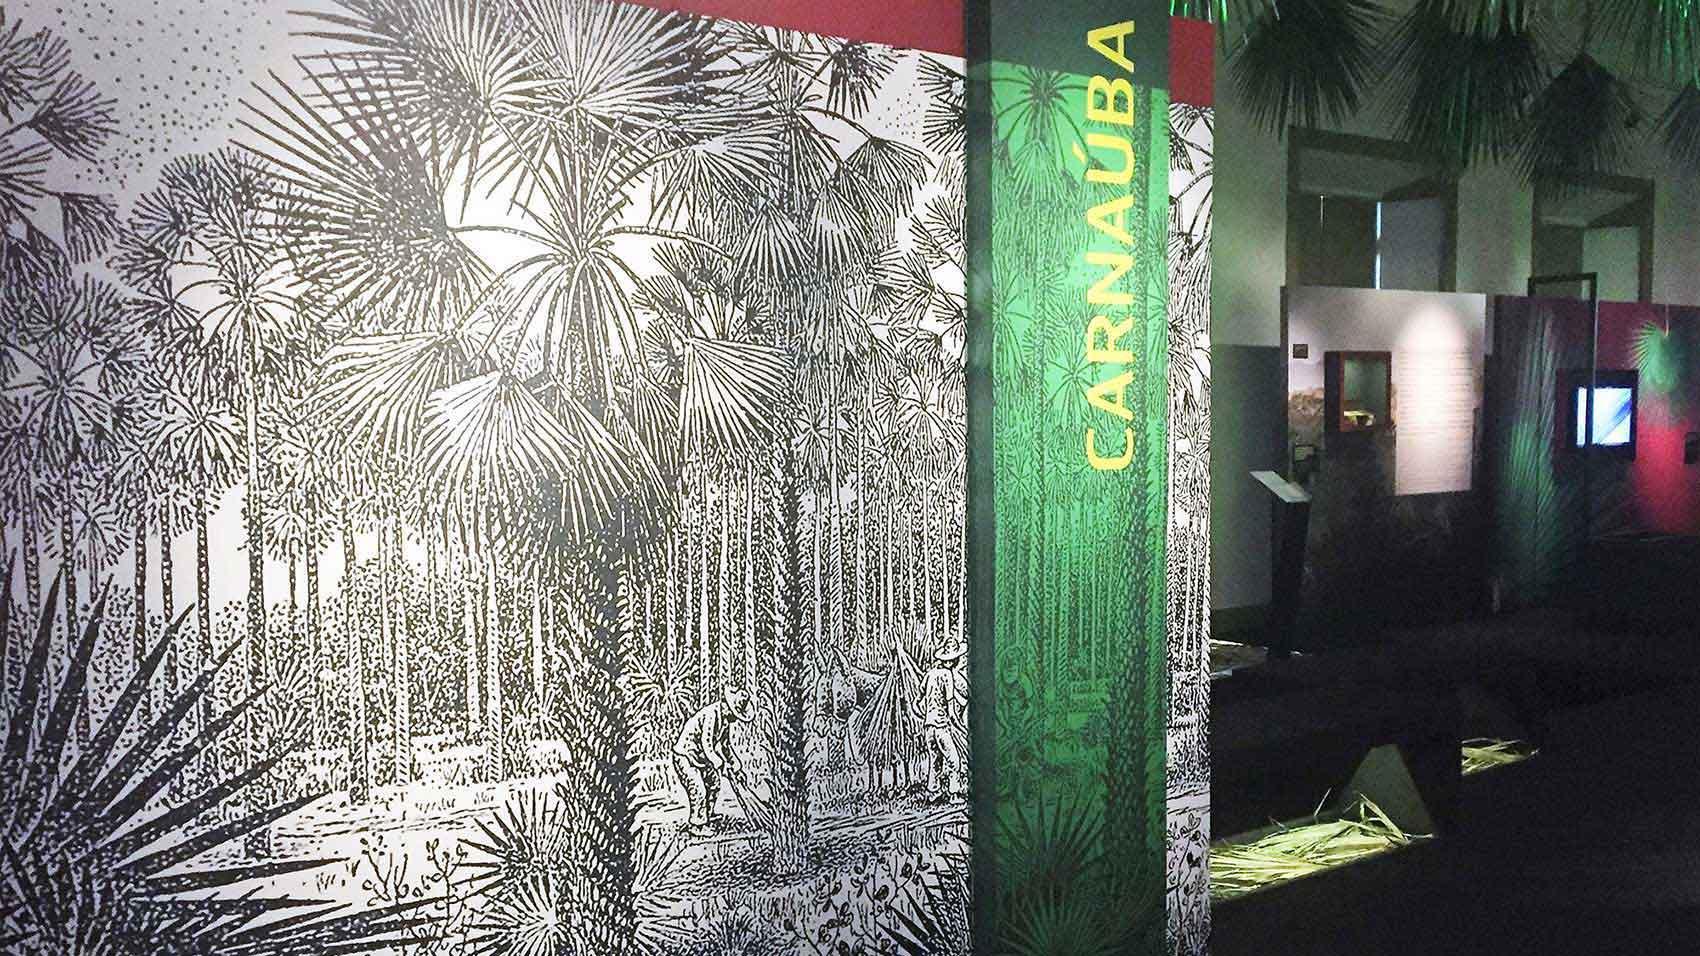 ブラジル、フォルタレザでの展覧会『Carnaúba: Tree of Life』